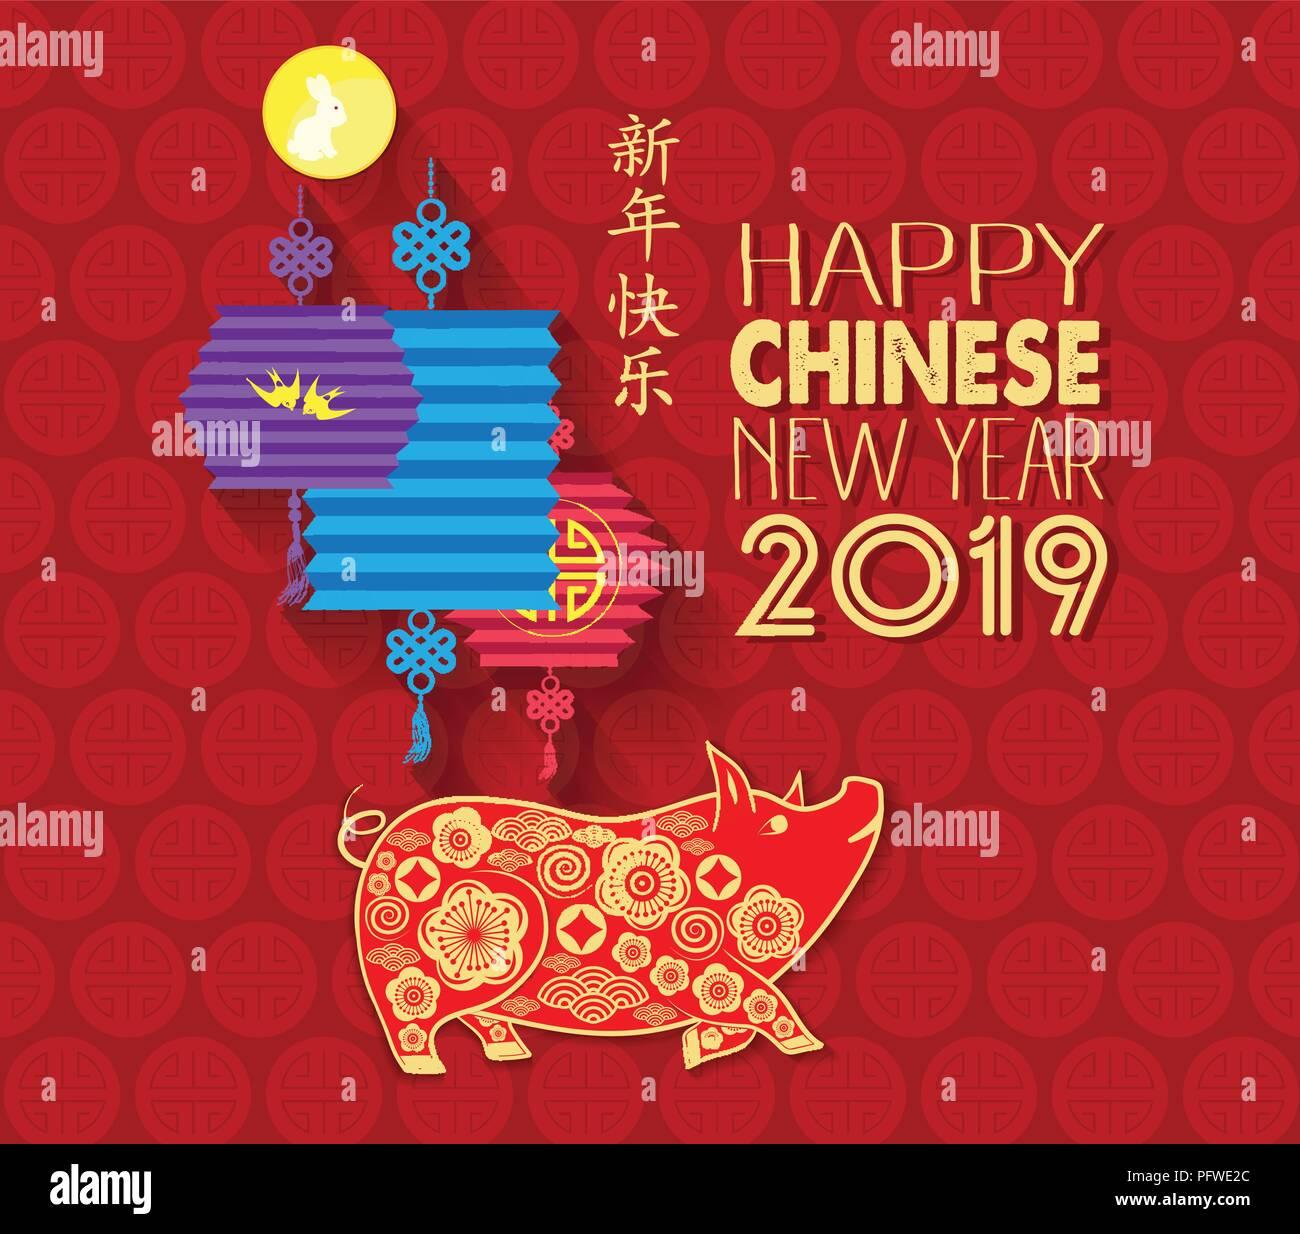 469404a93c78 Joyeux Nouvel An chinois 2019 année du cochon papier coupé style. Les  caractères chinois dire bonne année